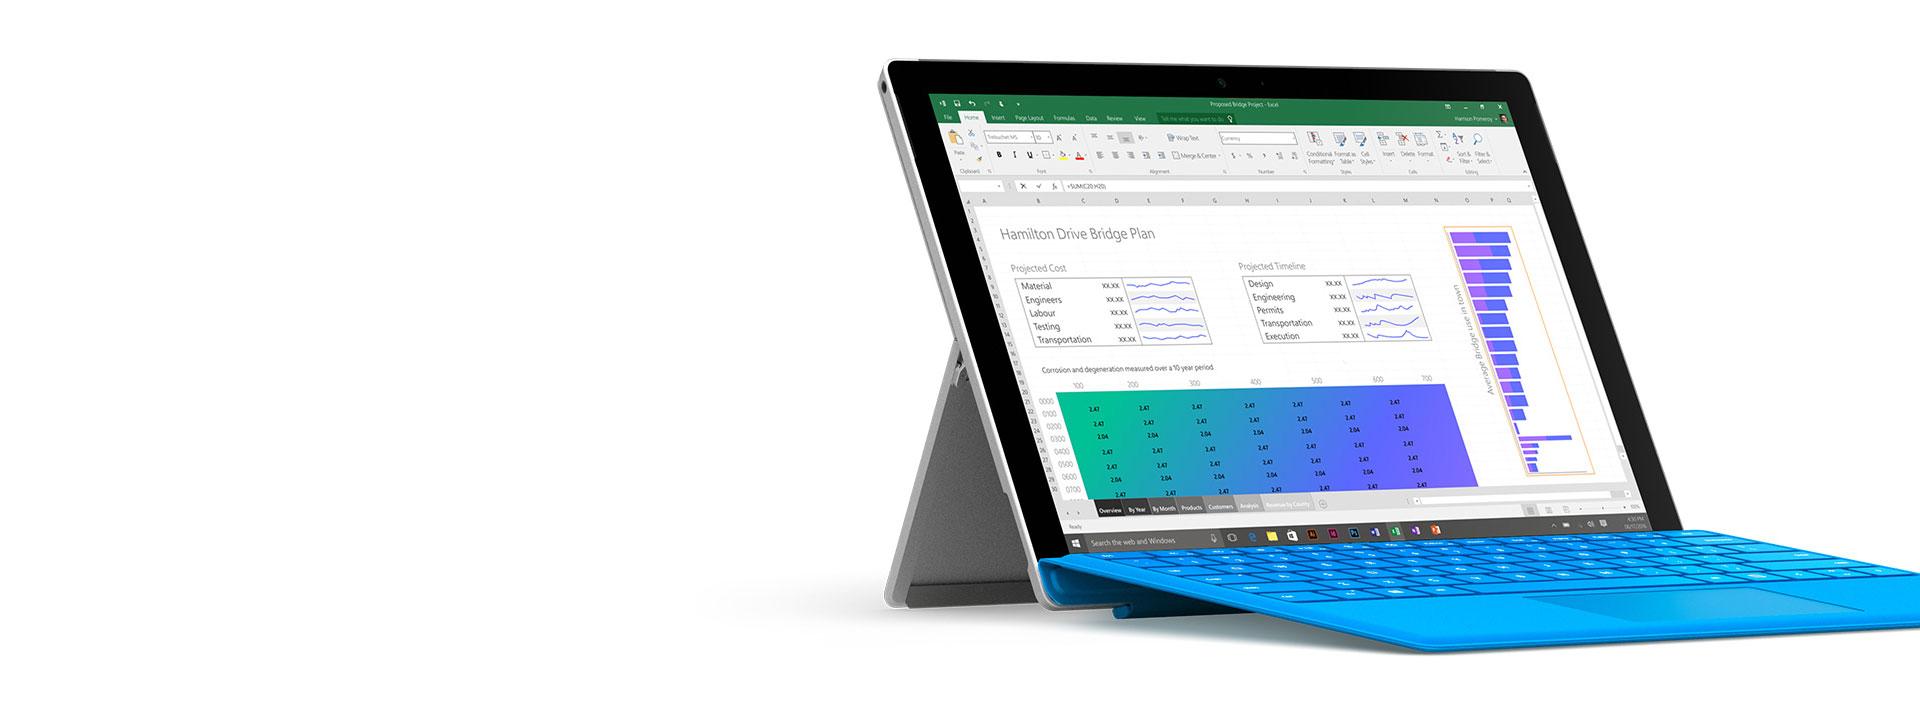 Surface Pro 4 avec Office à l'écran.